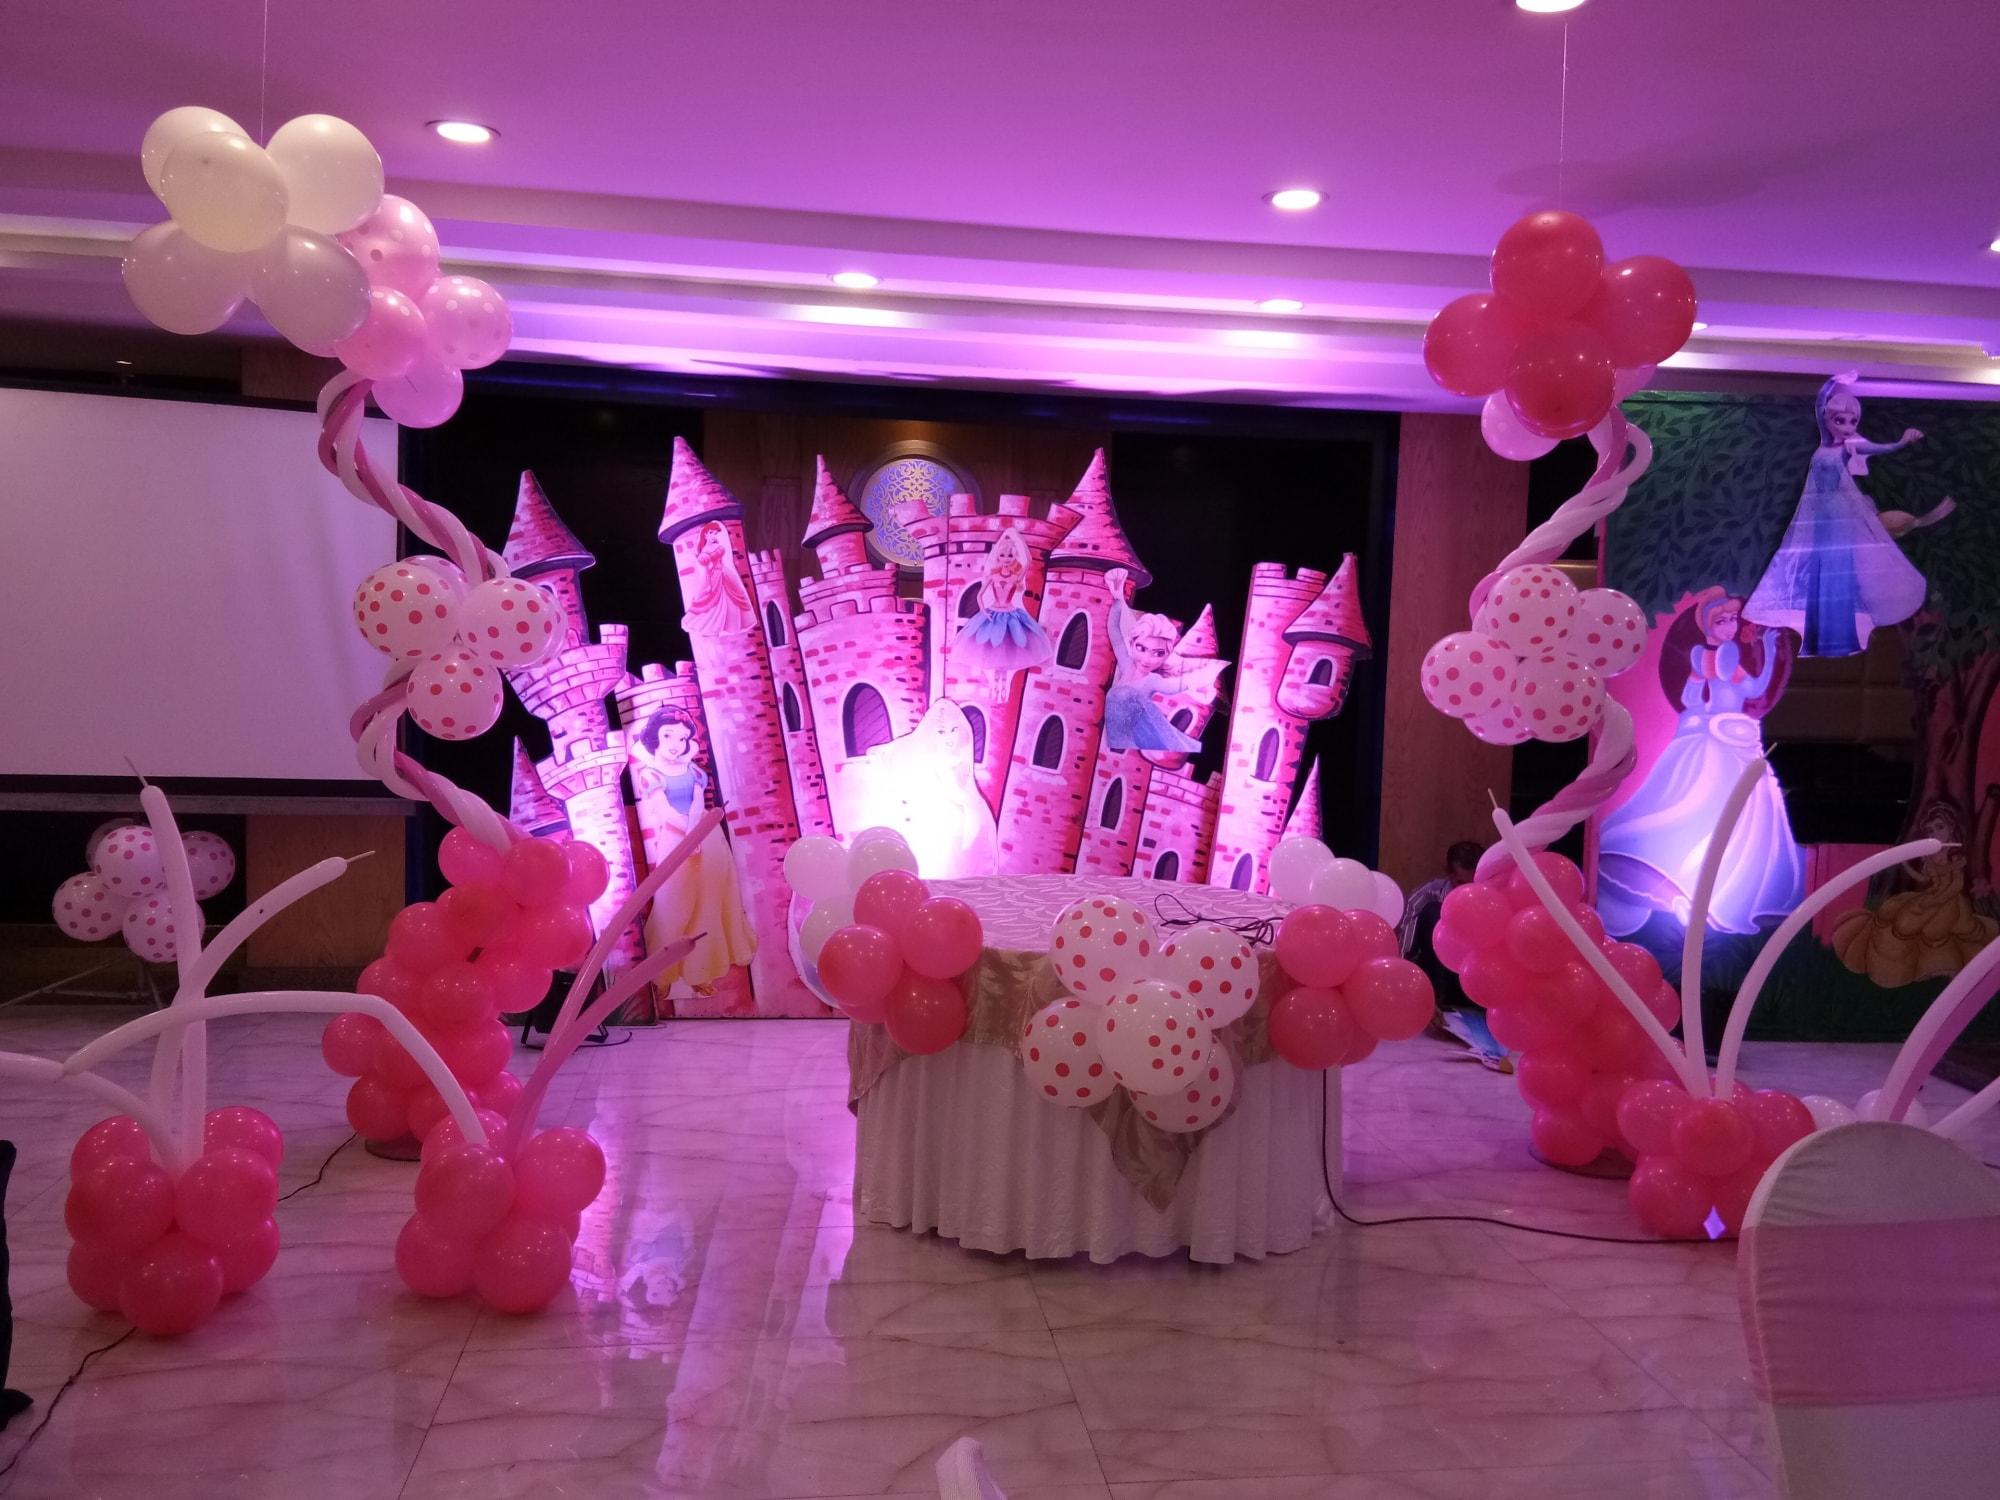 Top Wedding Decorators in Kaka Deo - Best Marriage Decorators Kanpur ...